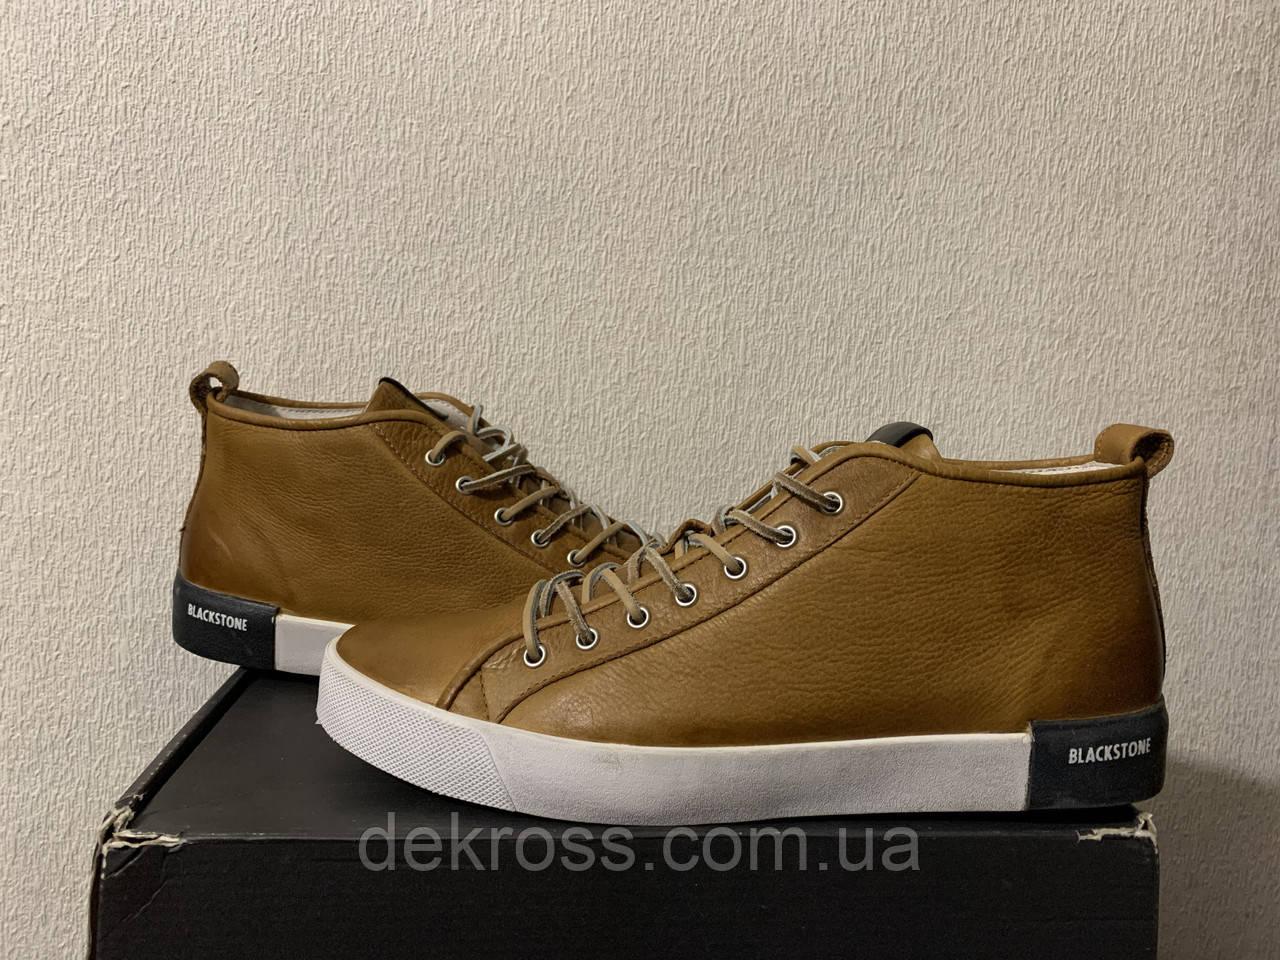 Кросівки \ Кеди Blackstone QM99 (44-44,5) Оригінал QM99